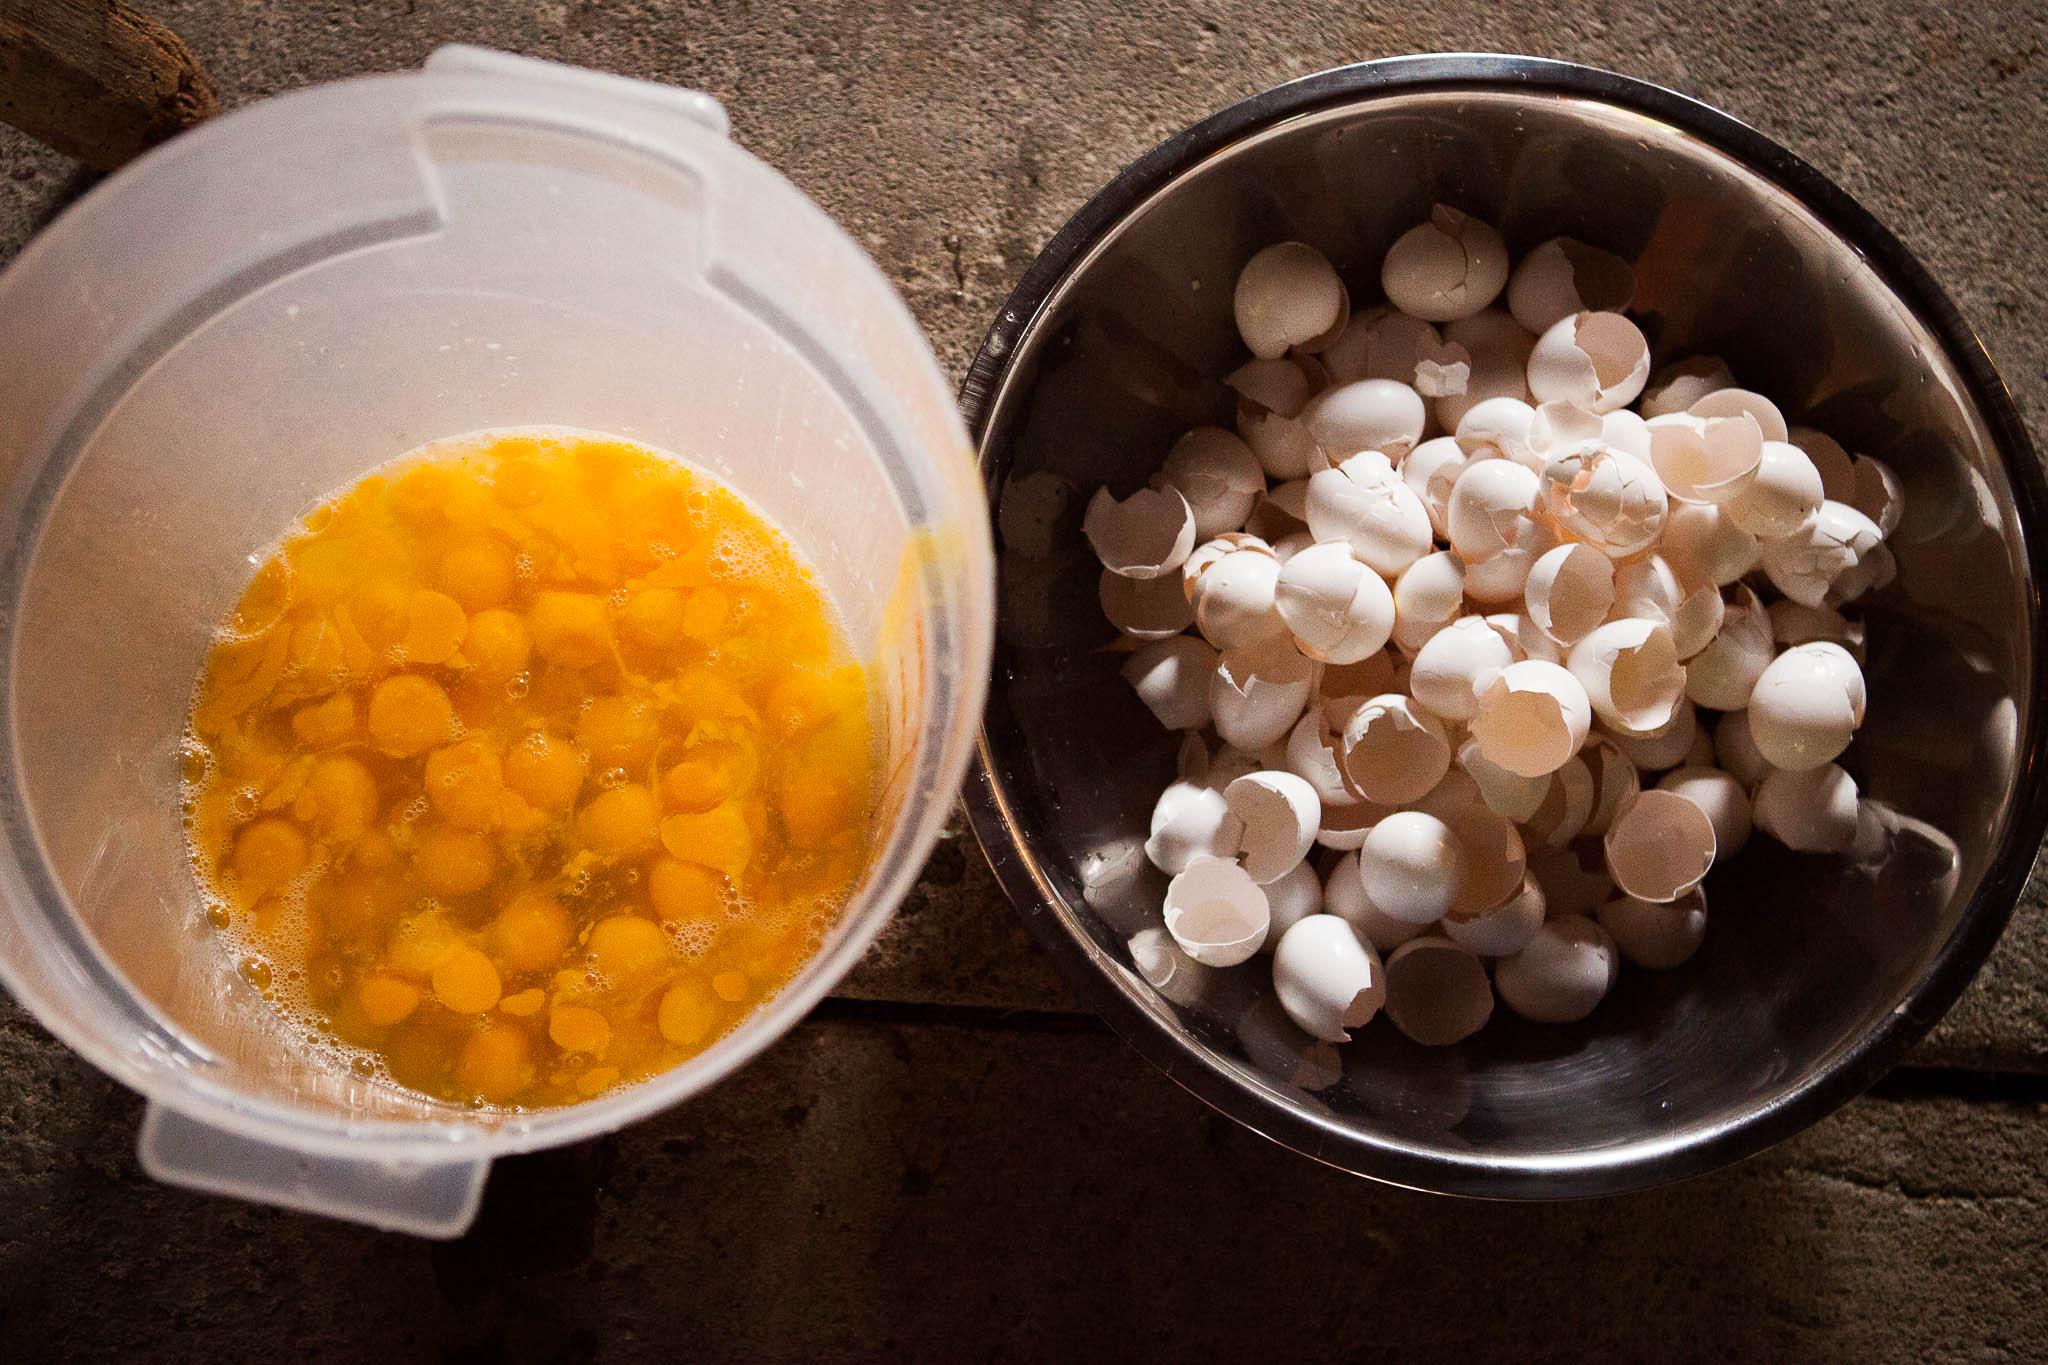 Lots-of-eggs-01.jpg